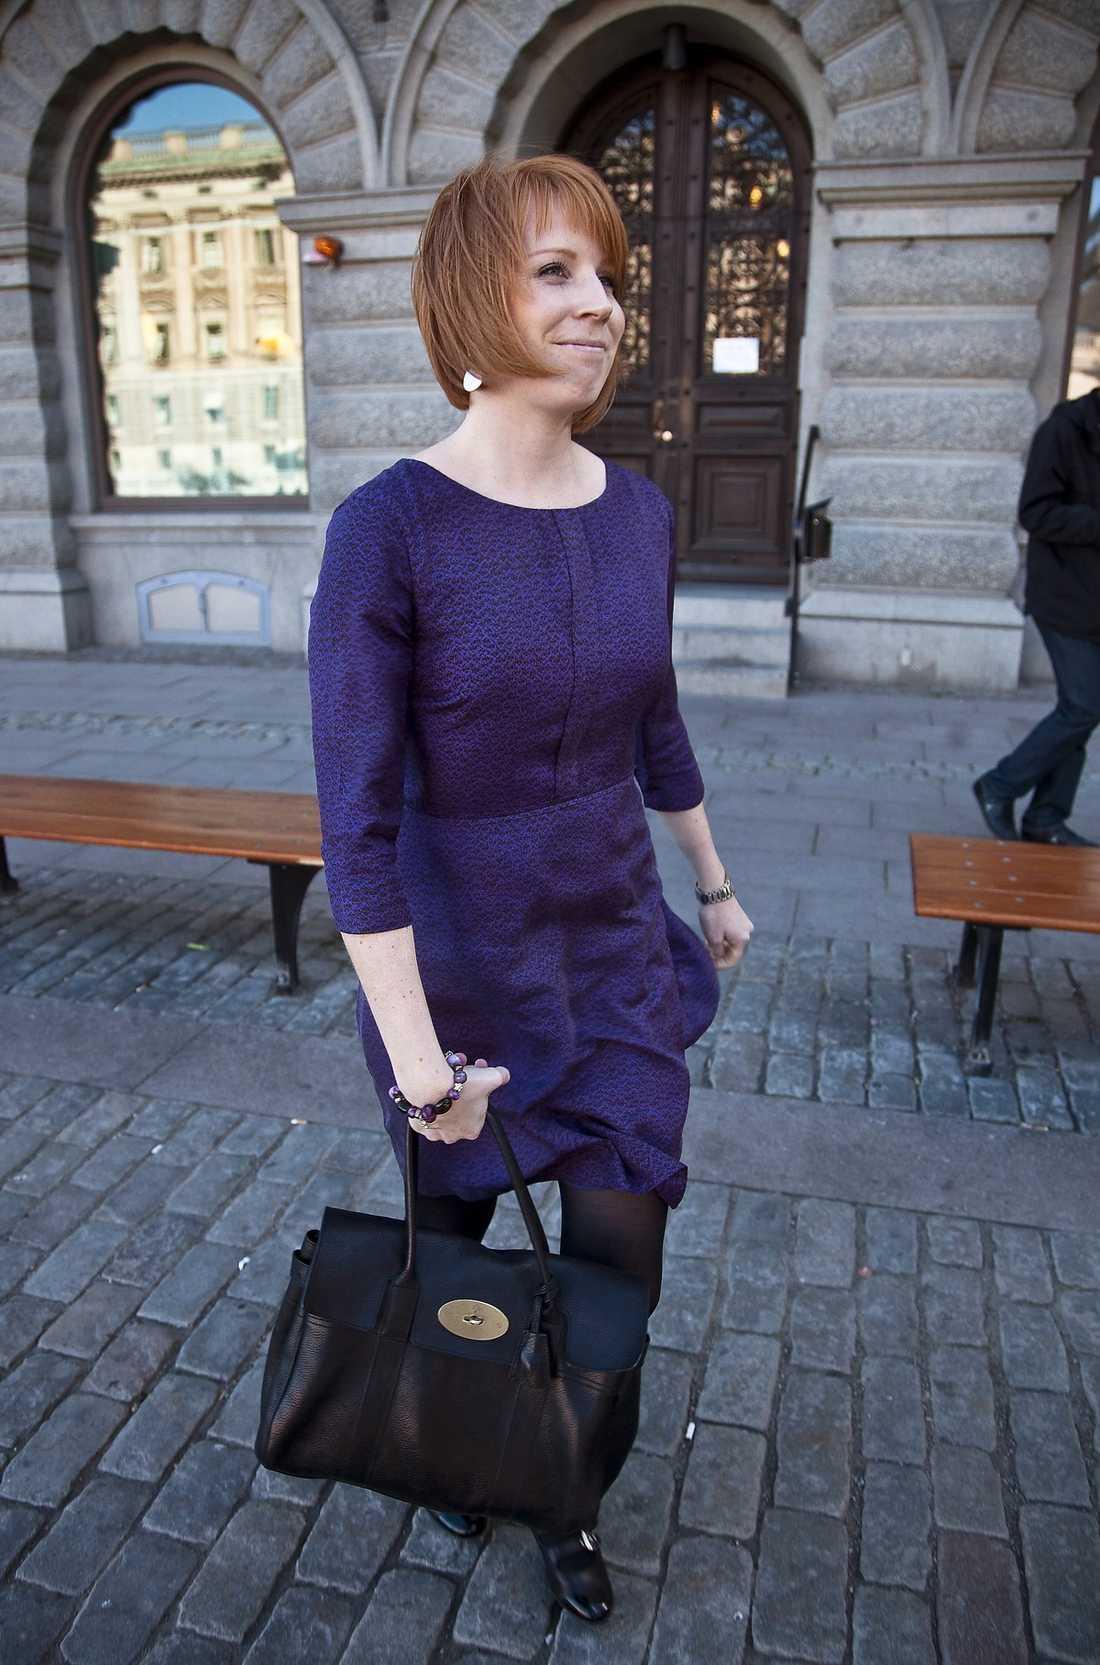 partiets favorit Annie Johansson, 27, är partiets favorit till att efterträda Maud Olofsson. Hon kom in i riksdagen som 23-åring. Förra mandatperioden satt hon i Konstitutionsutskottet.